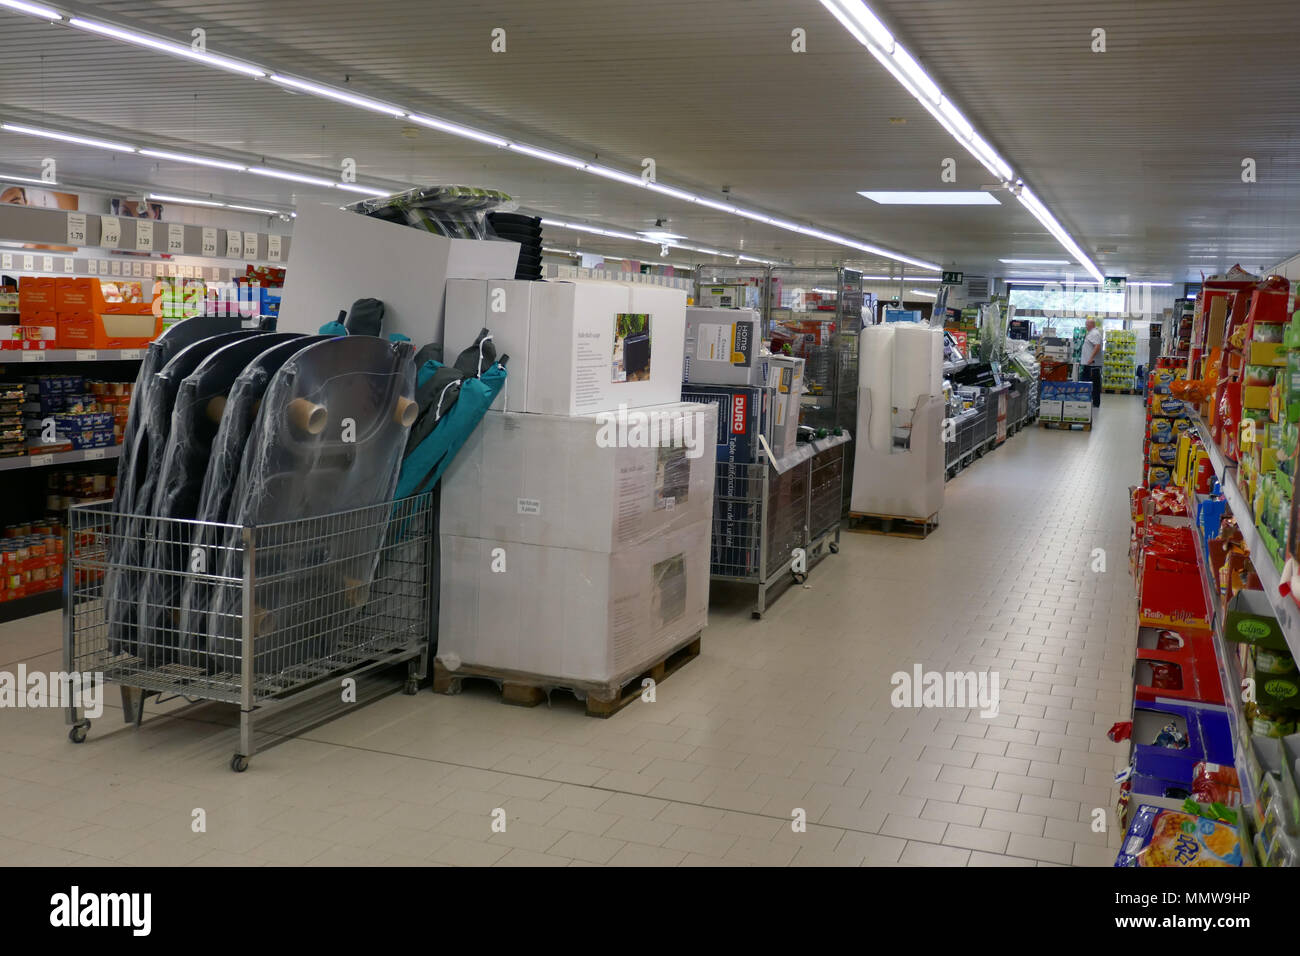 Aldi Berlin Kühlschrank : Aldi berlin kühlschrank aldi nord bewertungen hohen neuendorf